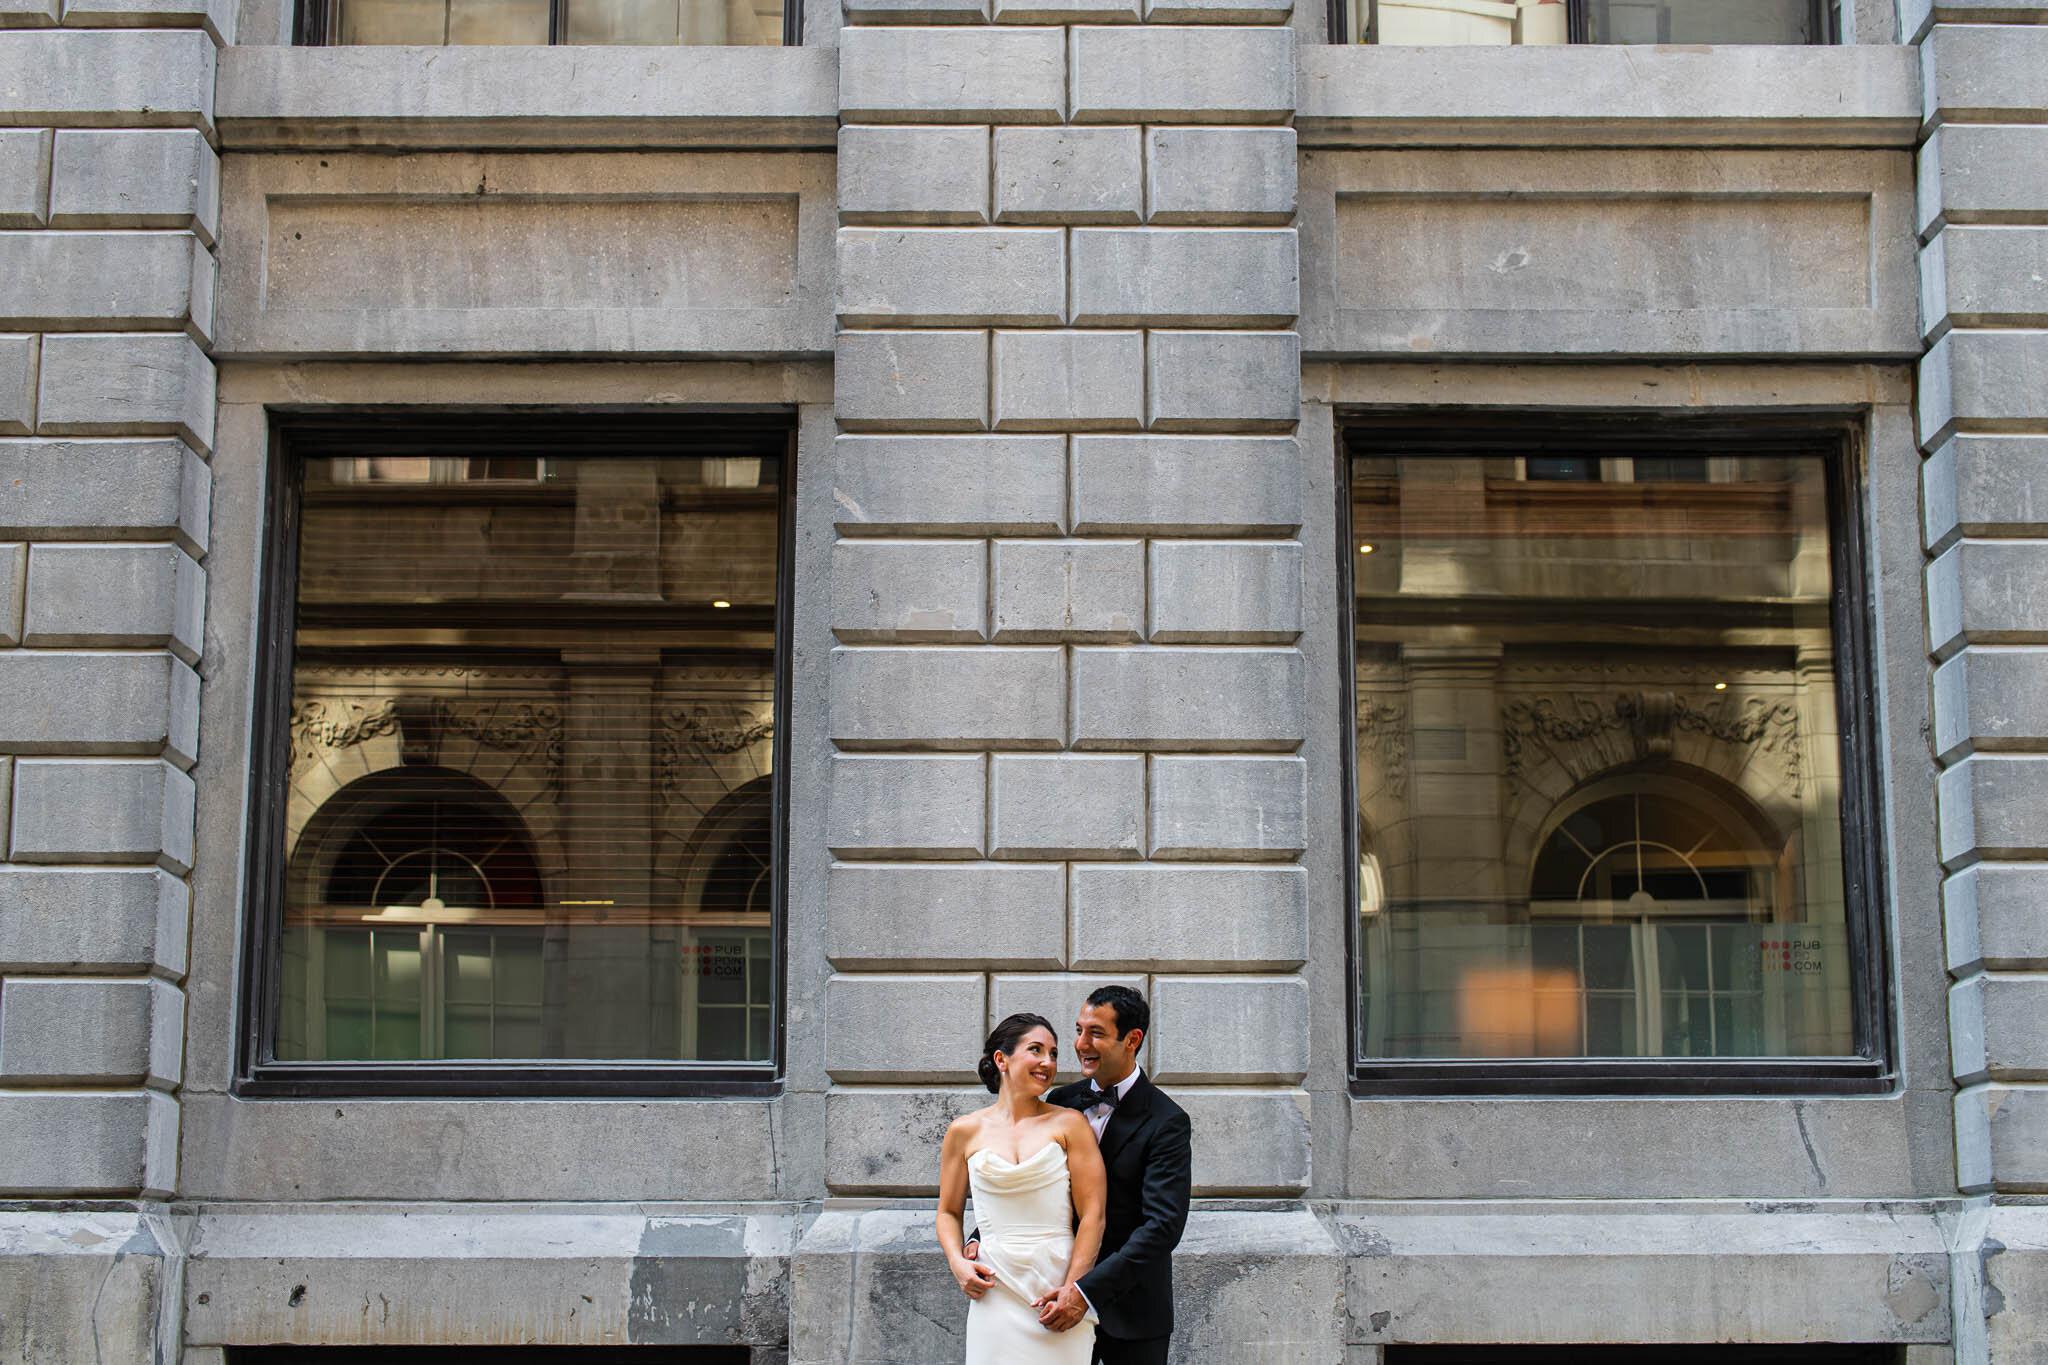 Montreal Wedding Photographer AshleyMacPhee (18 of 49).jpg